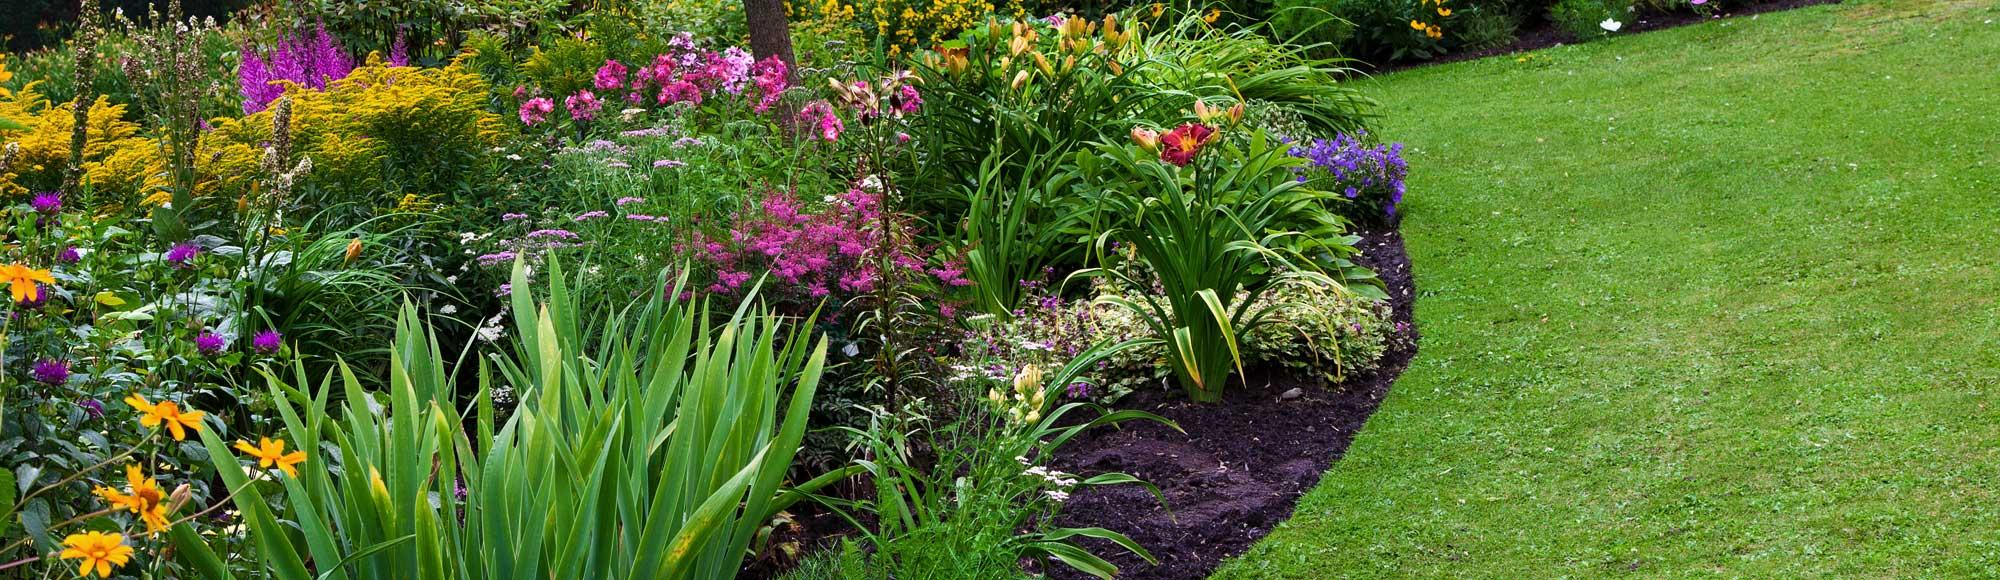 Foto eines Gartens